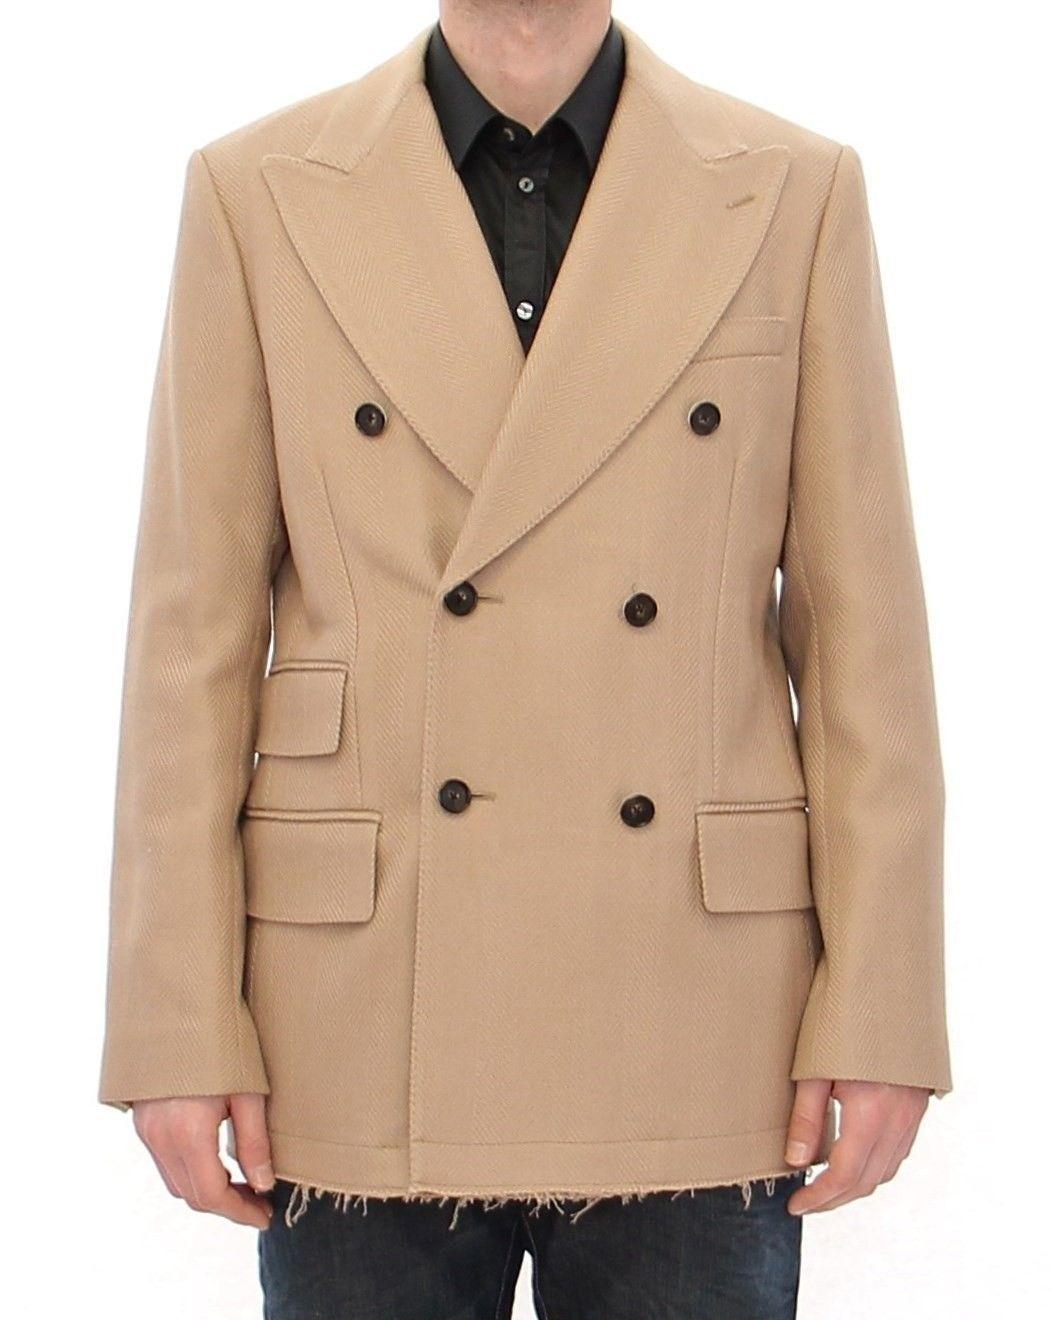 Dolce & Gabbana Men's Double Breasted Coat Beige GJH10801 - IT52   XL